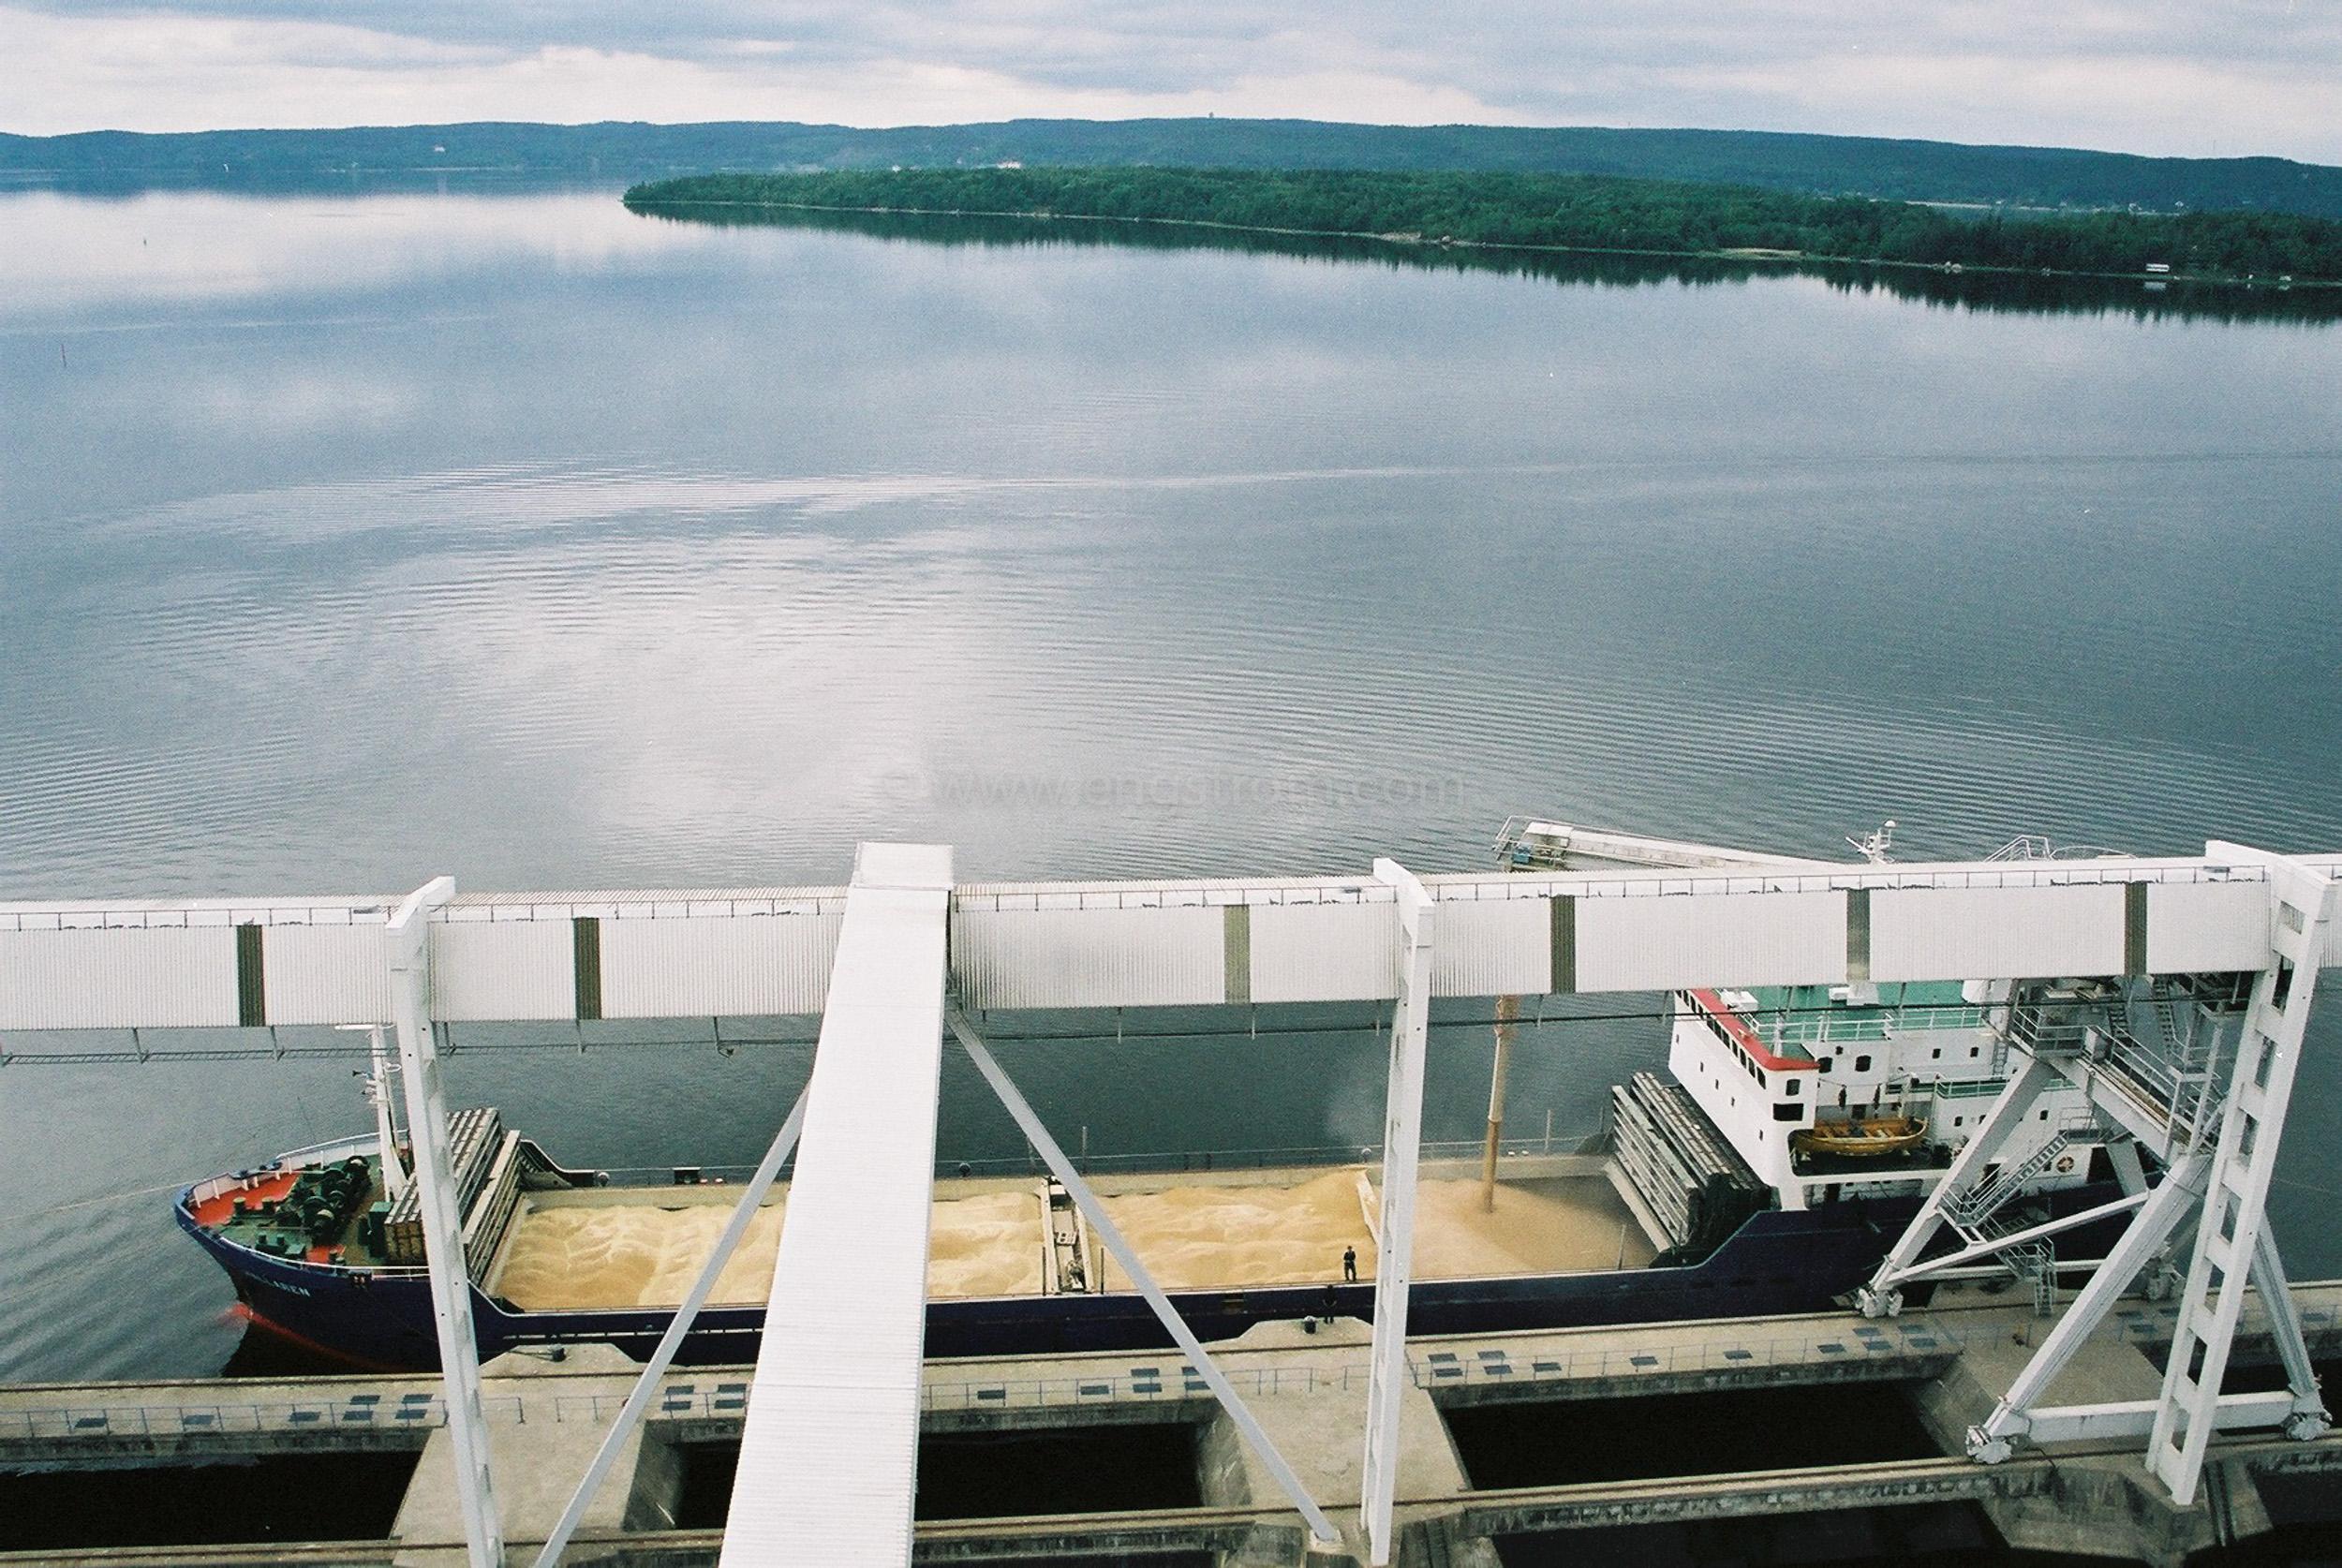 JE0105_01, Lastning av spannmålsbåt, Djurön utanför Norrköping sommaren 2001, Jonas Engström